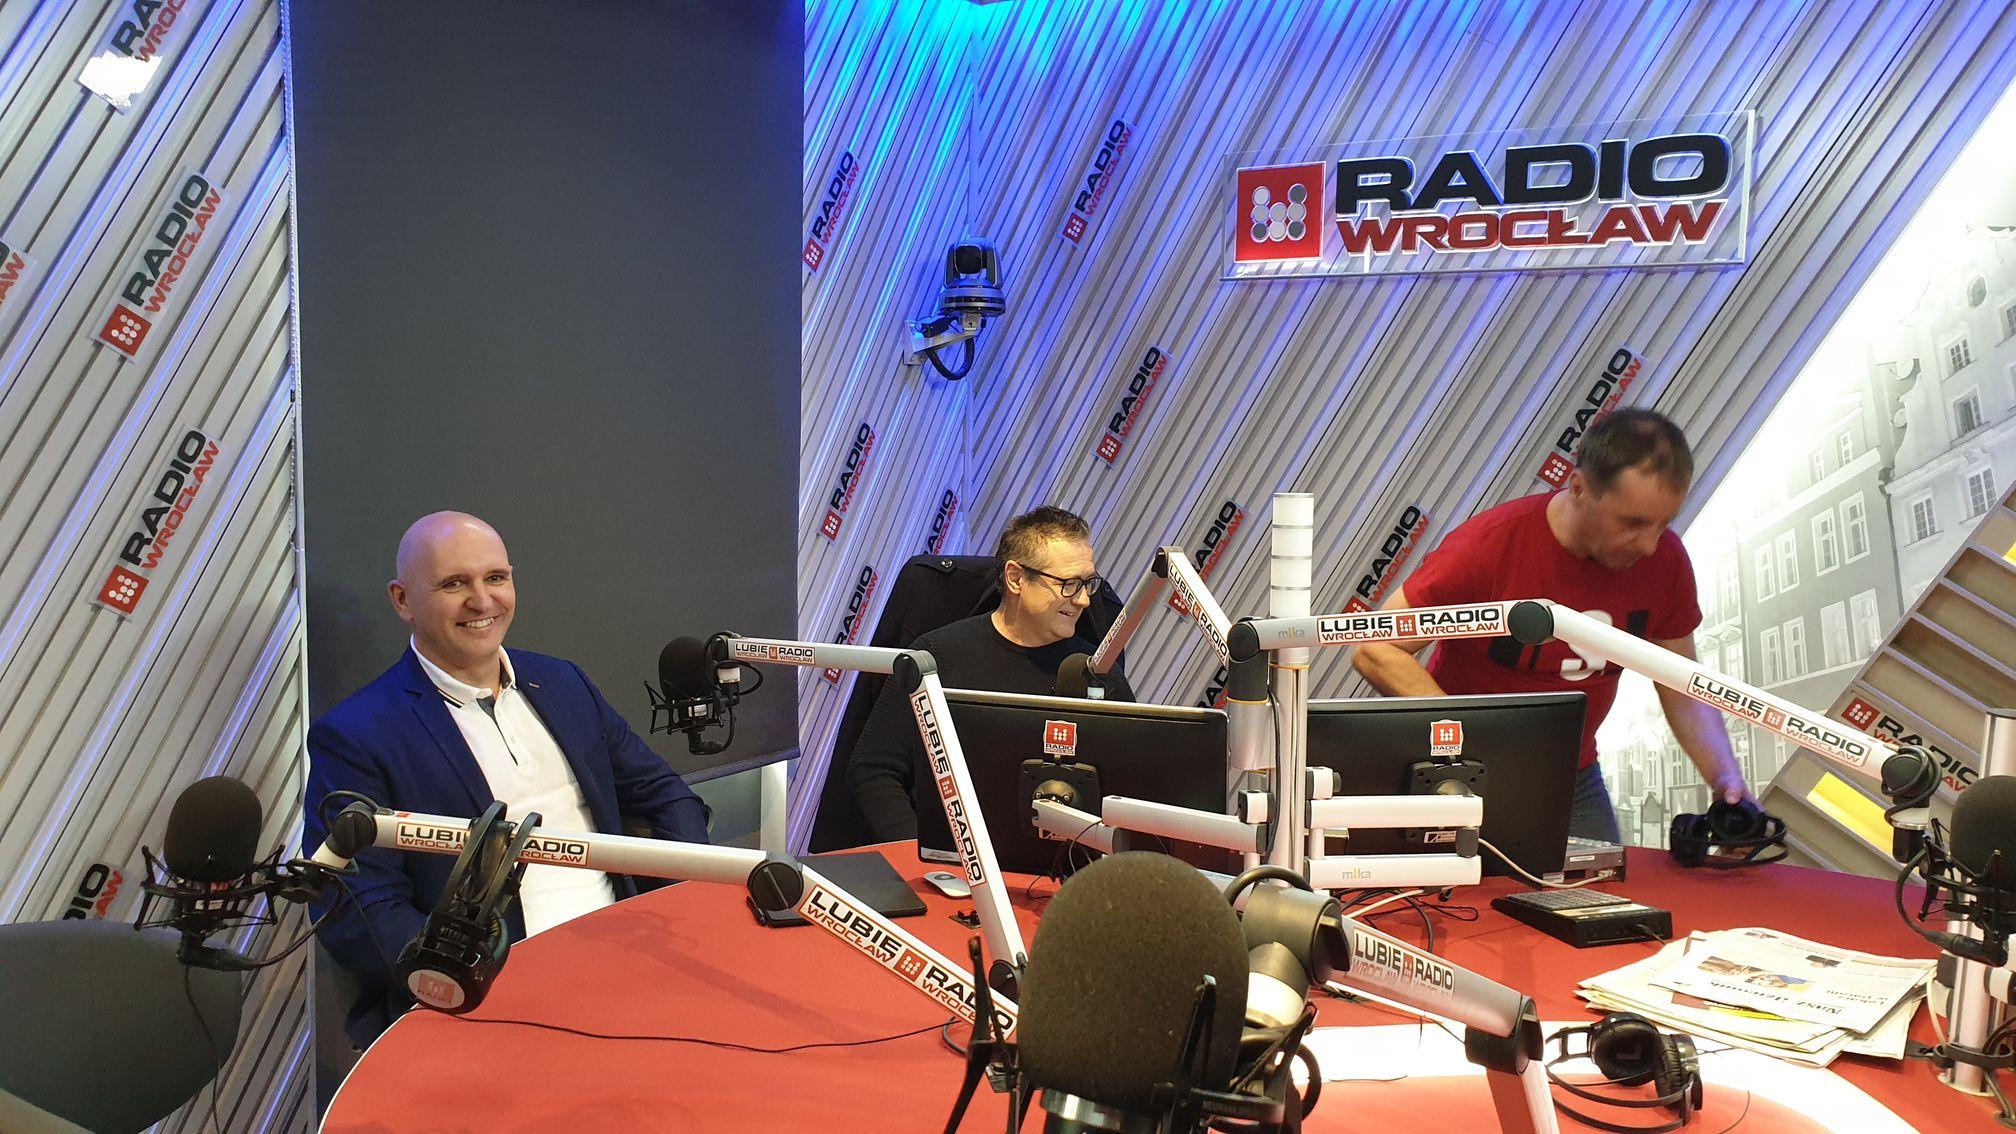 Radio Wrocław